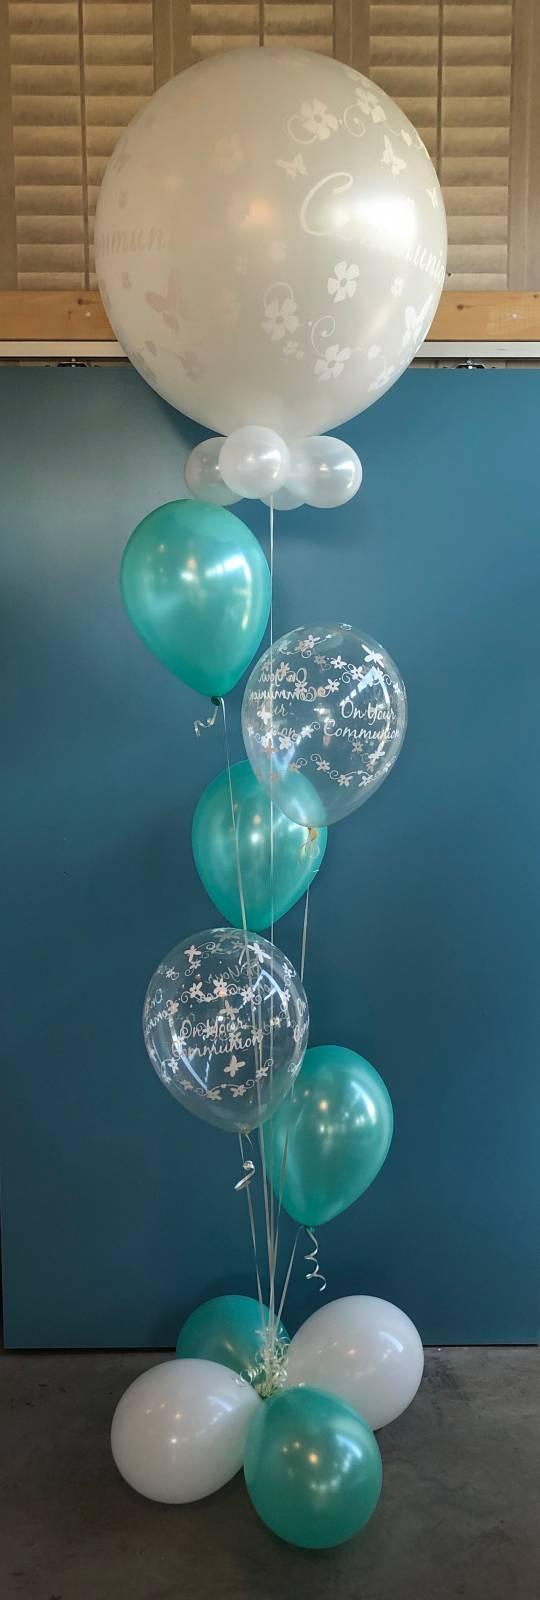 composition ballons communion